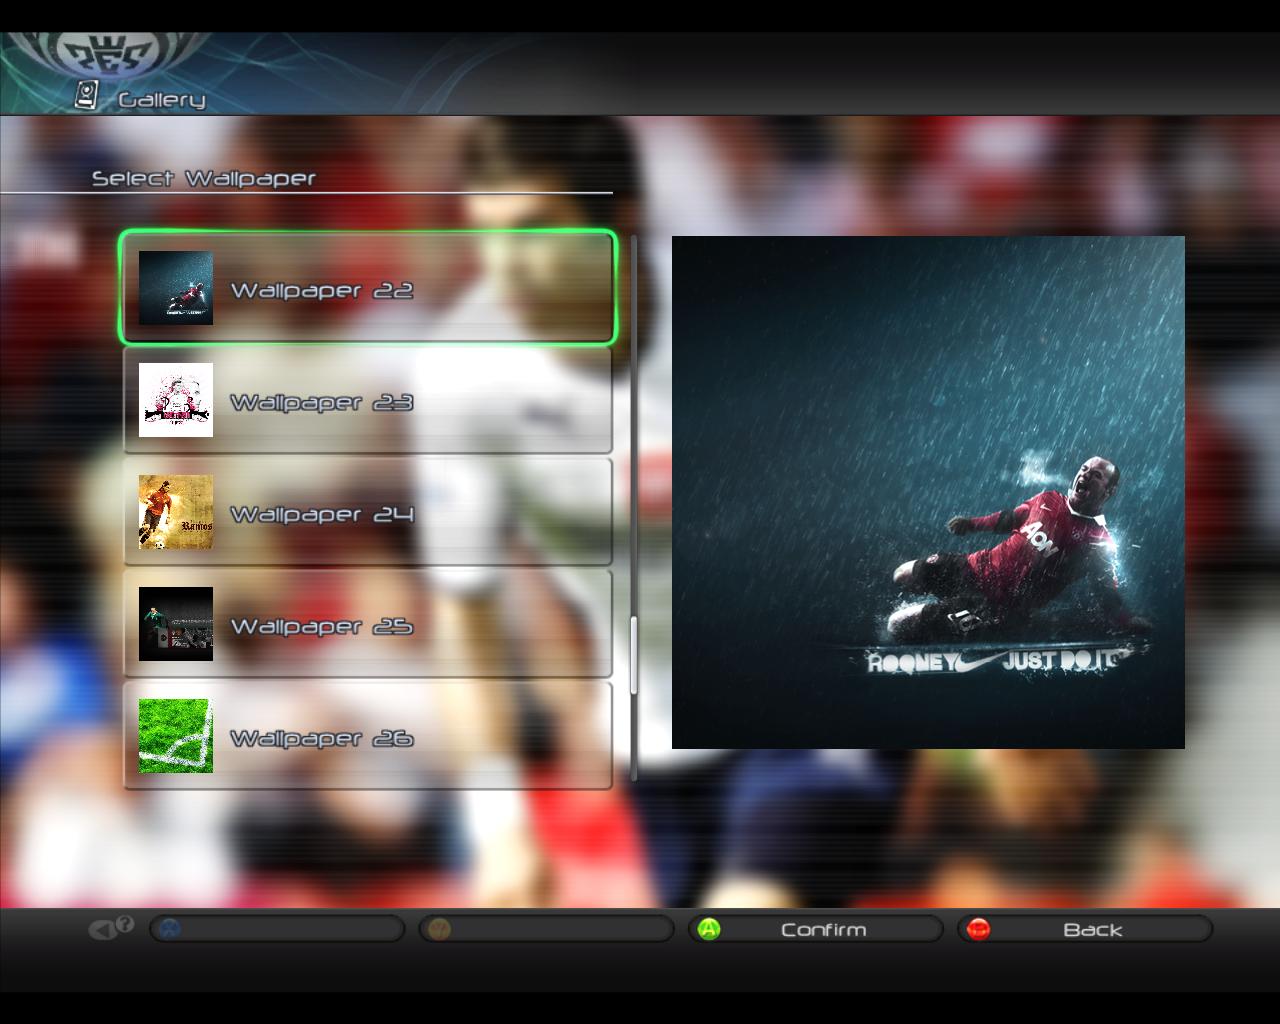 http://1.bp.blogspot.com/-M_LVeo-hH1A/TbvPnNojb3I/AAAAAAAAAHc/XTlMnBY4xDc/s1600/gameplay-beta+2011-03-30+17-26-30-20.png